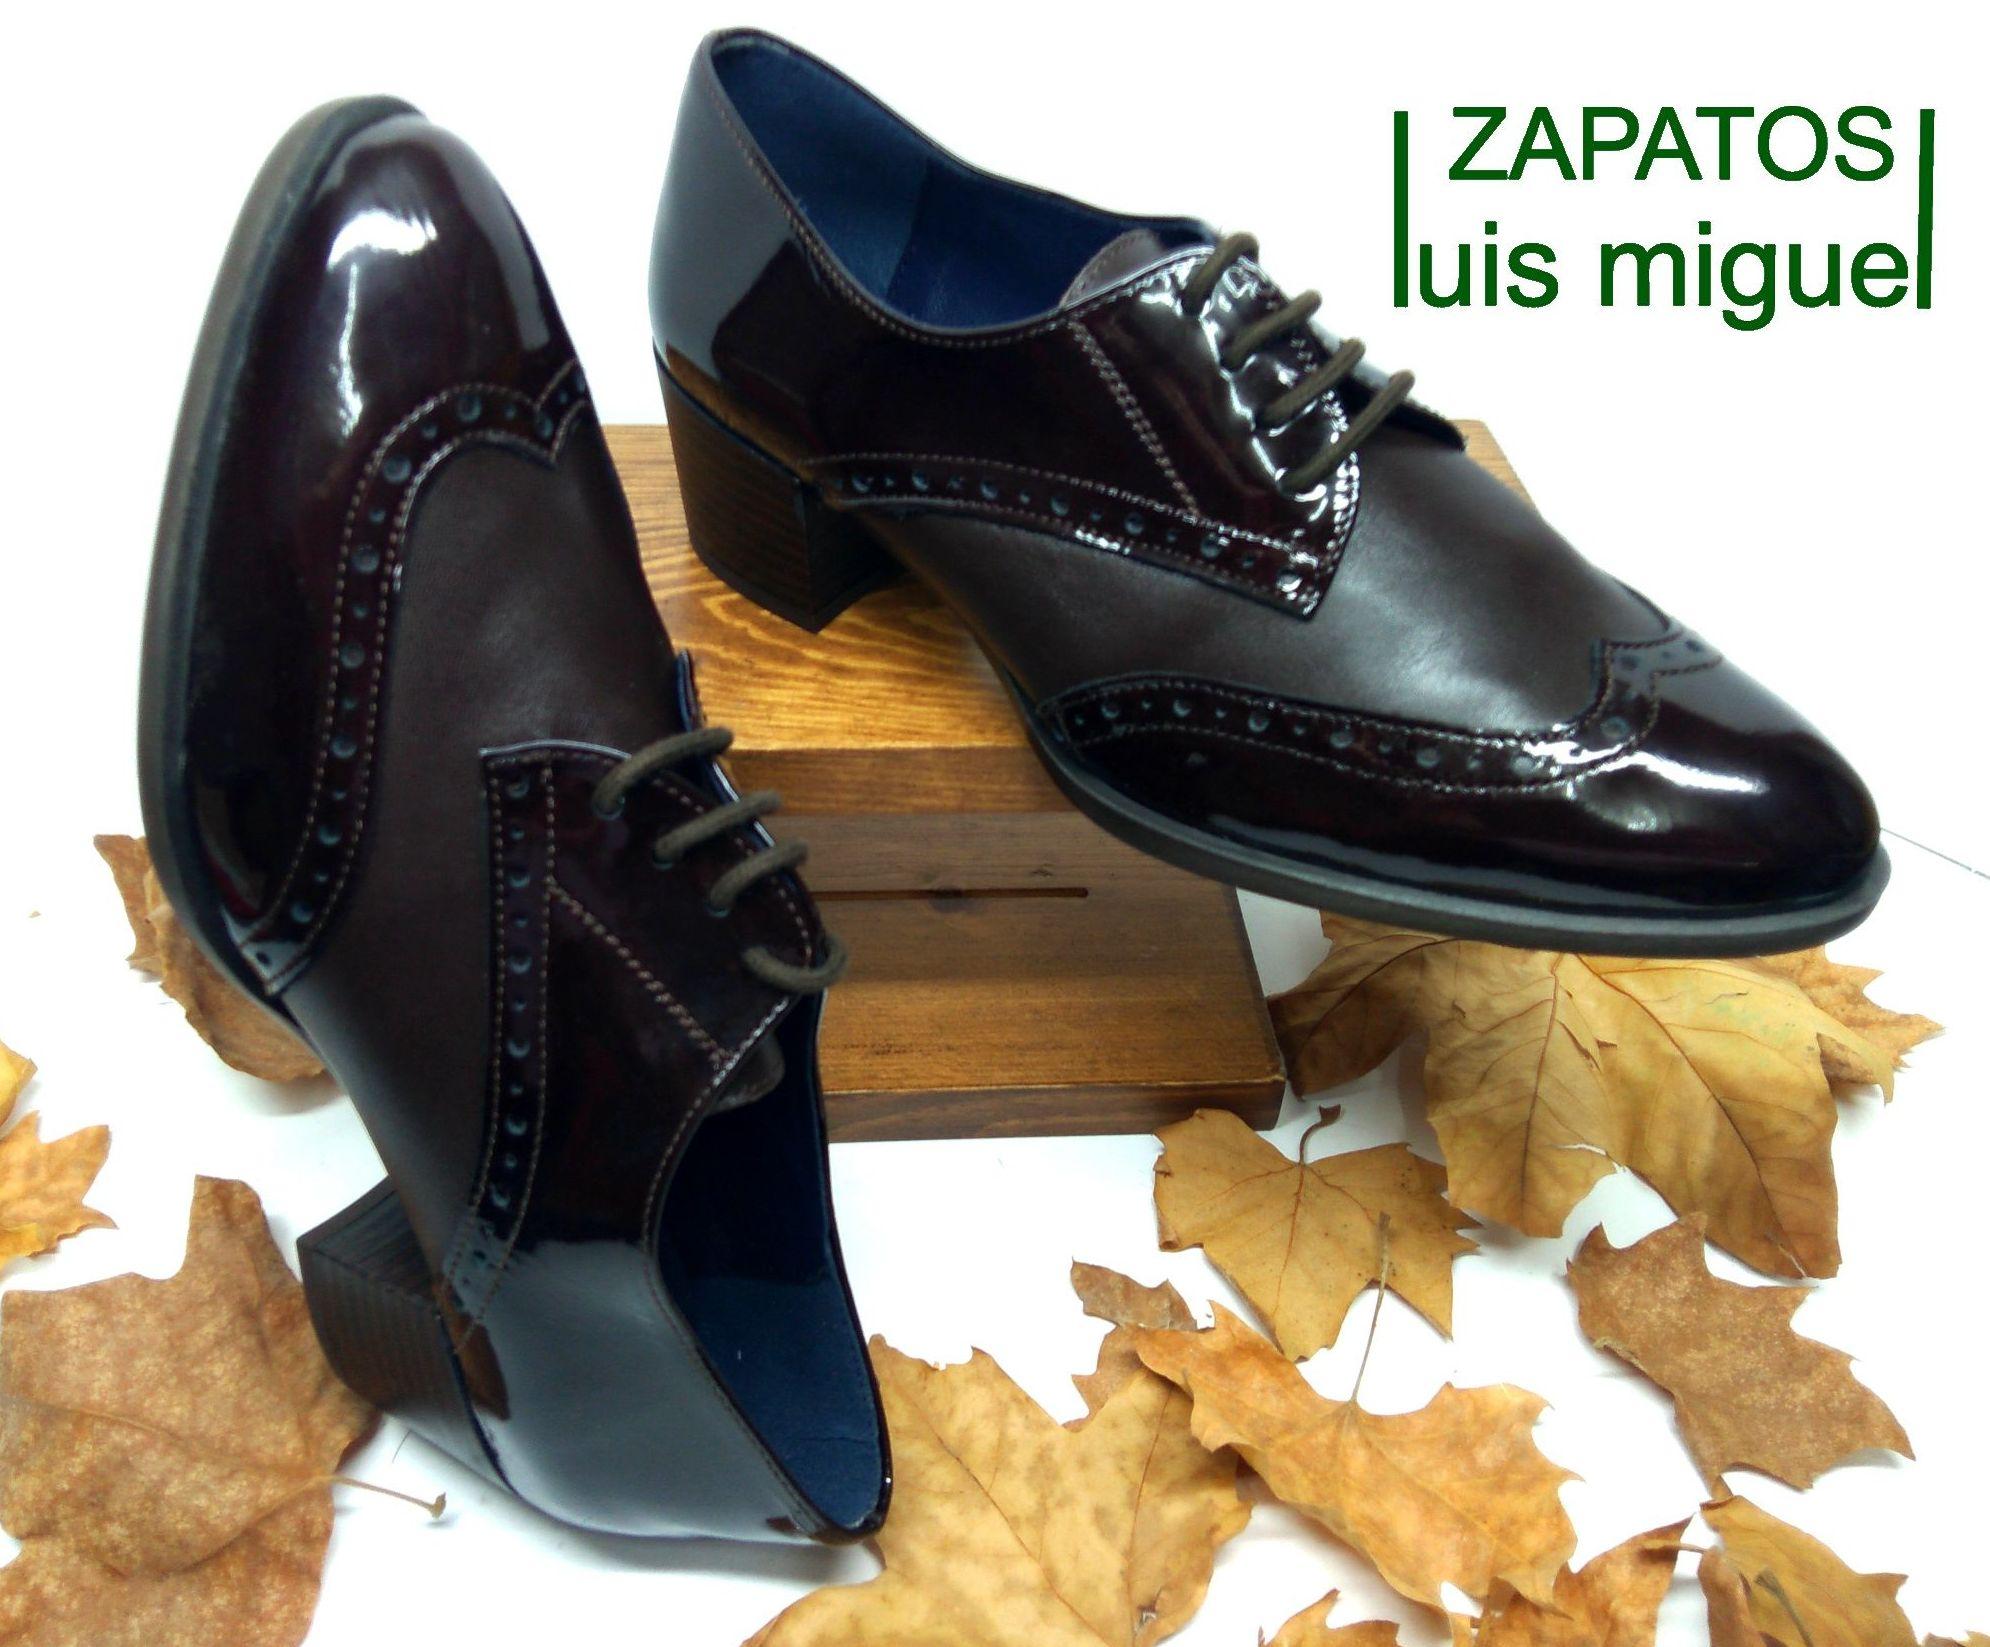 zapato blucher y pala vega: Catalogo de productos de Zapatos Luis Miguel